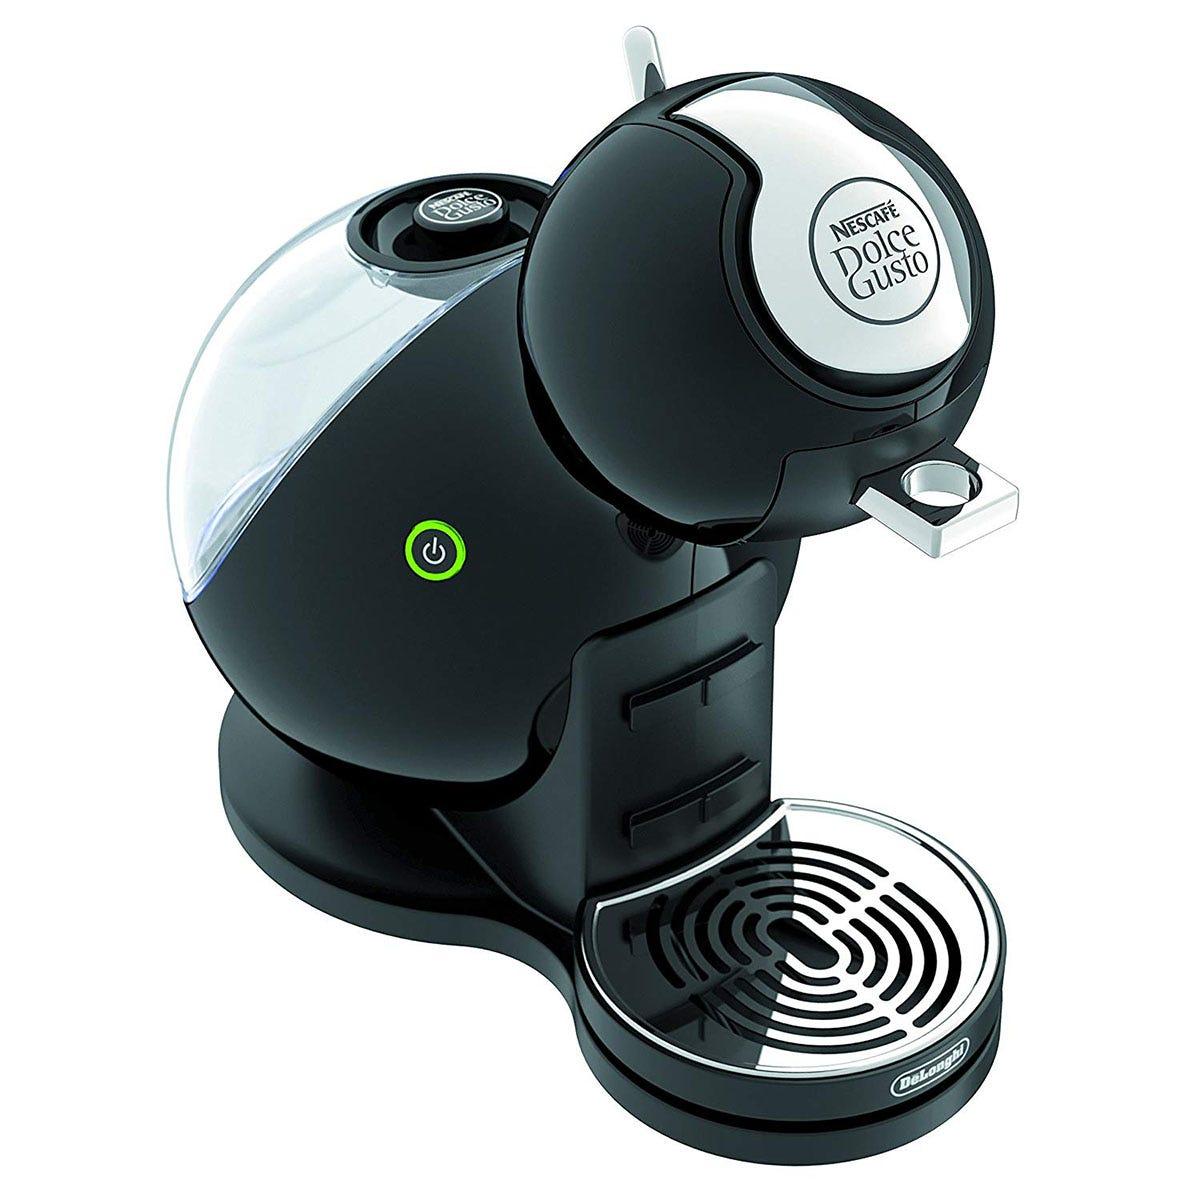 De'Longhi Nescafe Dolce Gusto Melody III Coffee Machine - Black